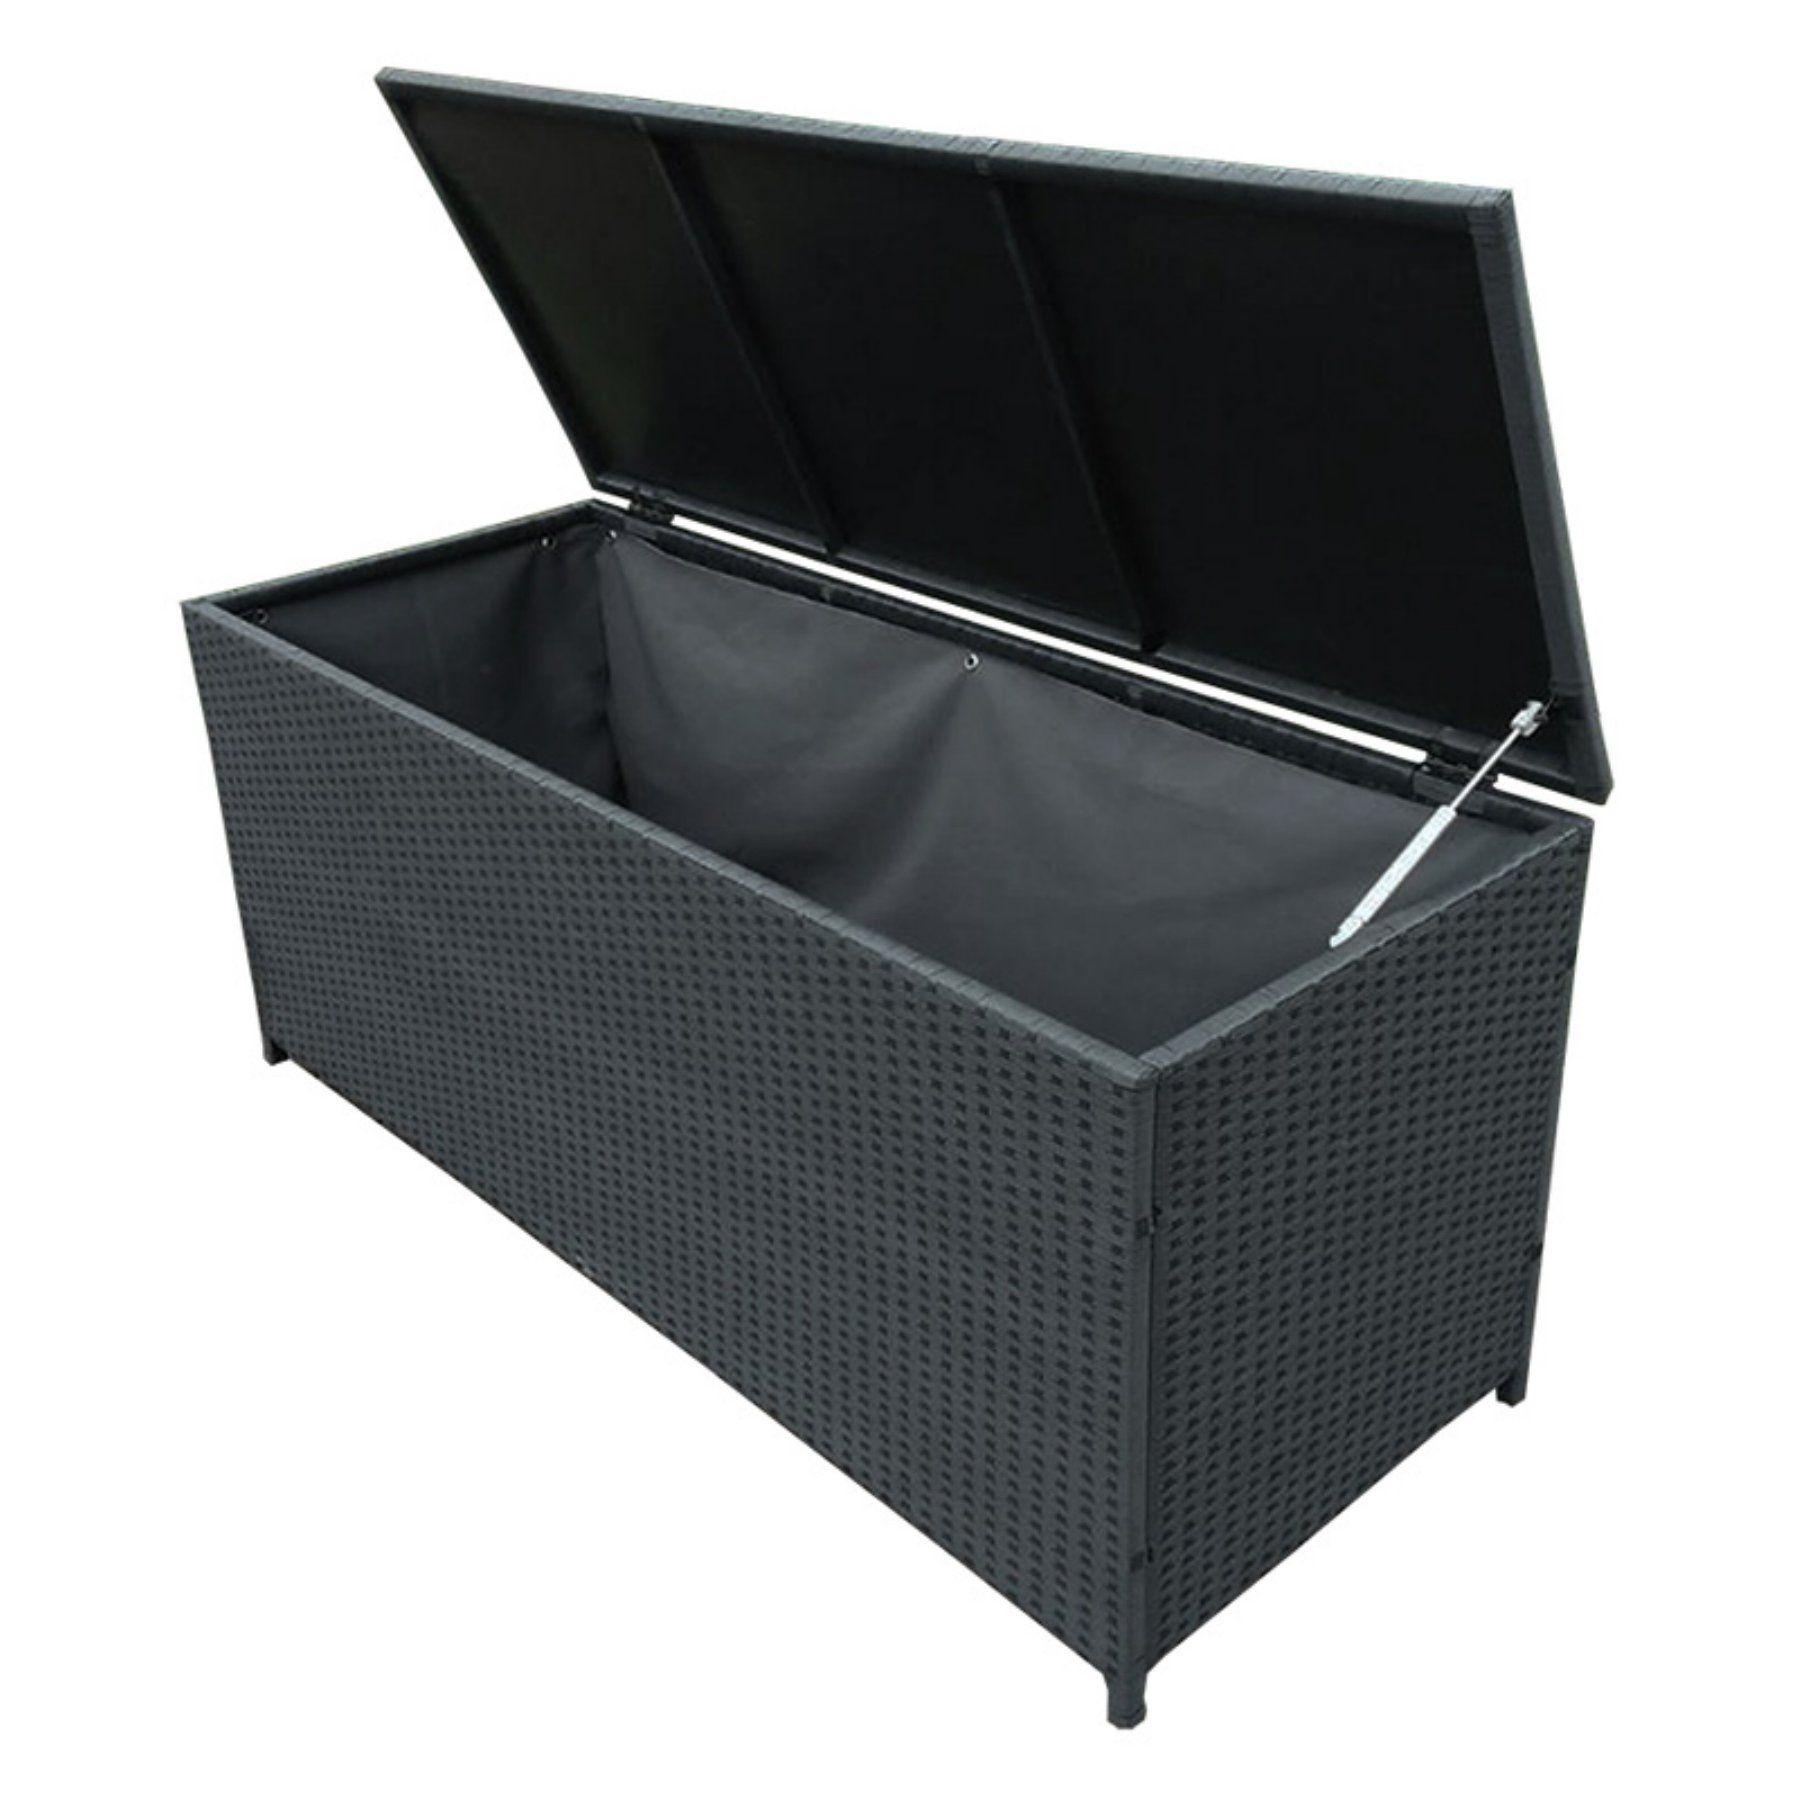 Oakland Living 113 Gallon Indoor Outdoor Wicker Deck Box Black